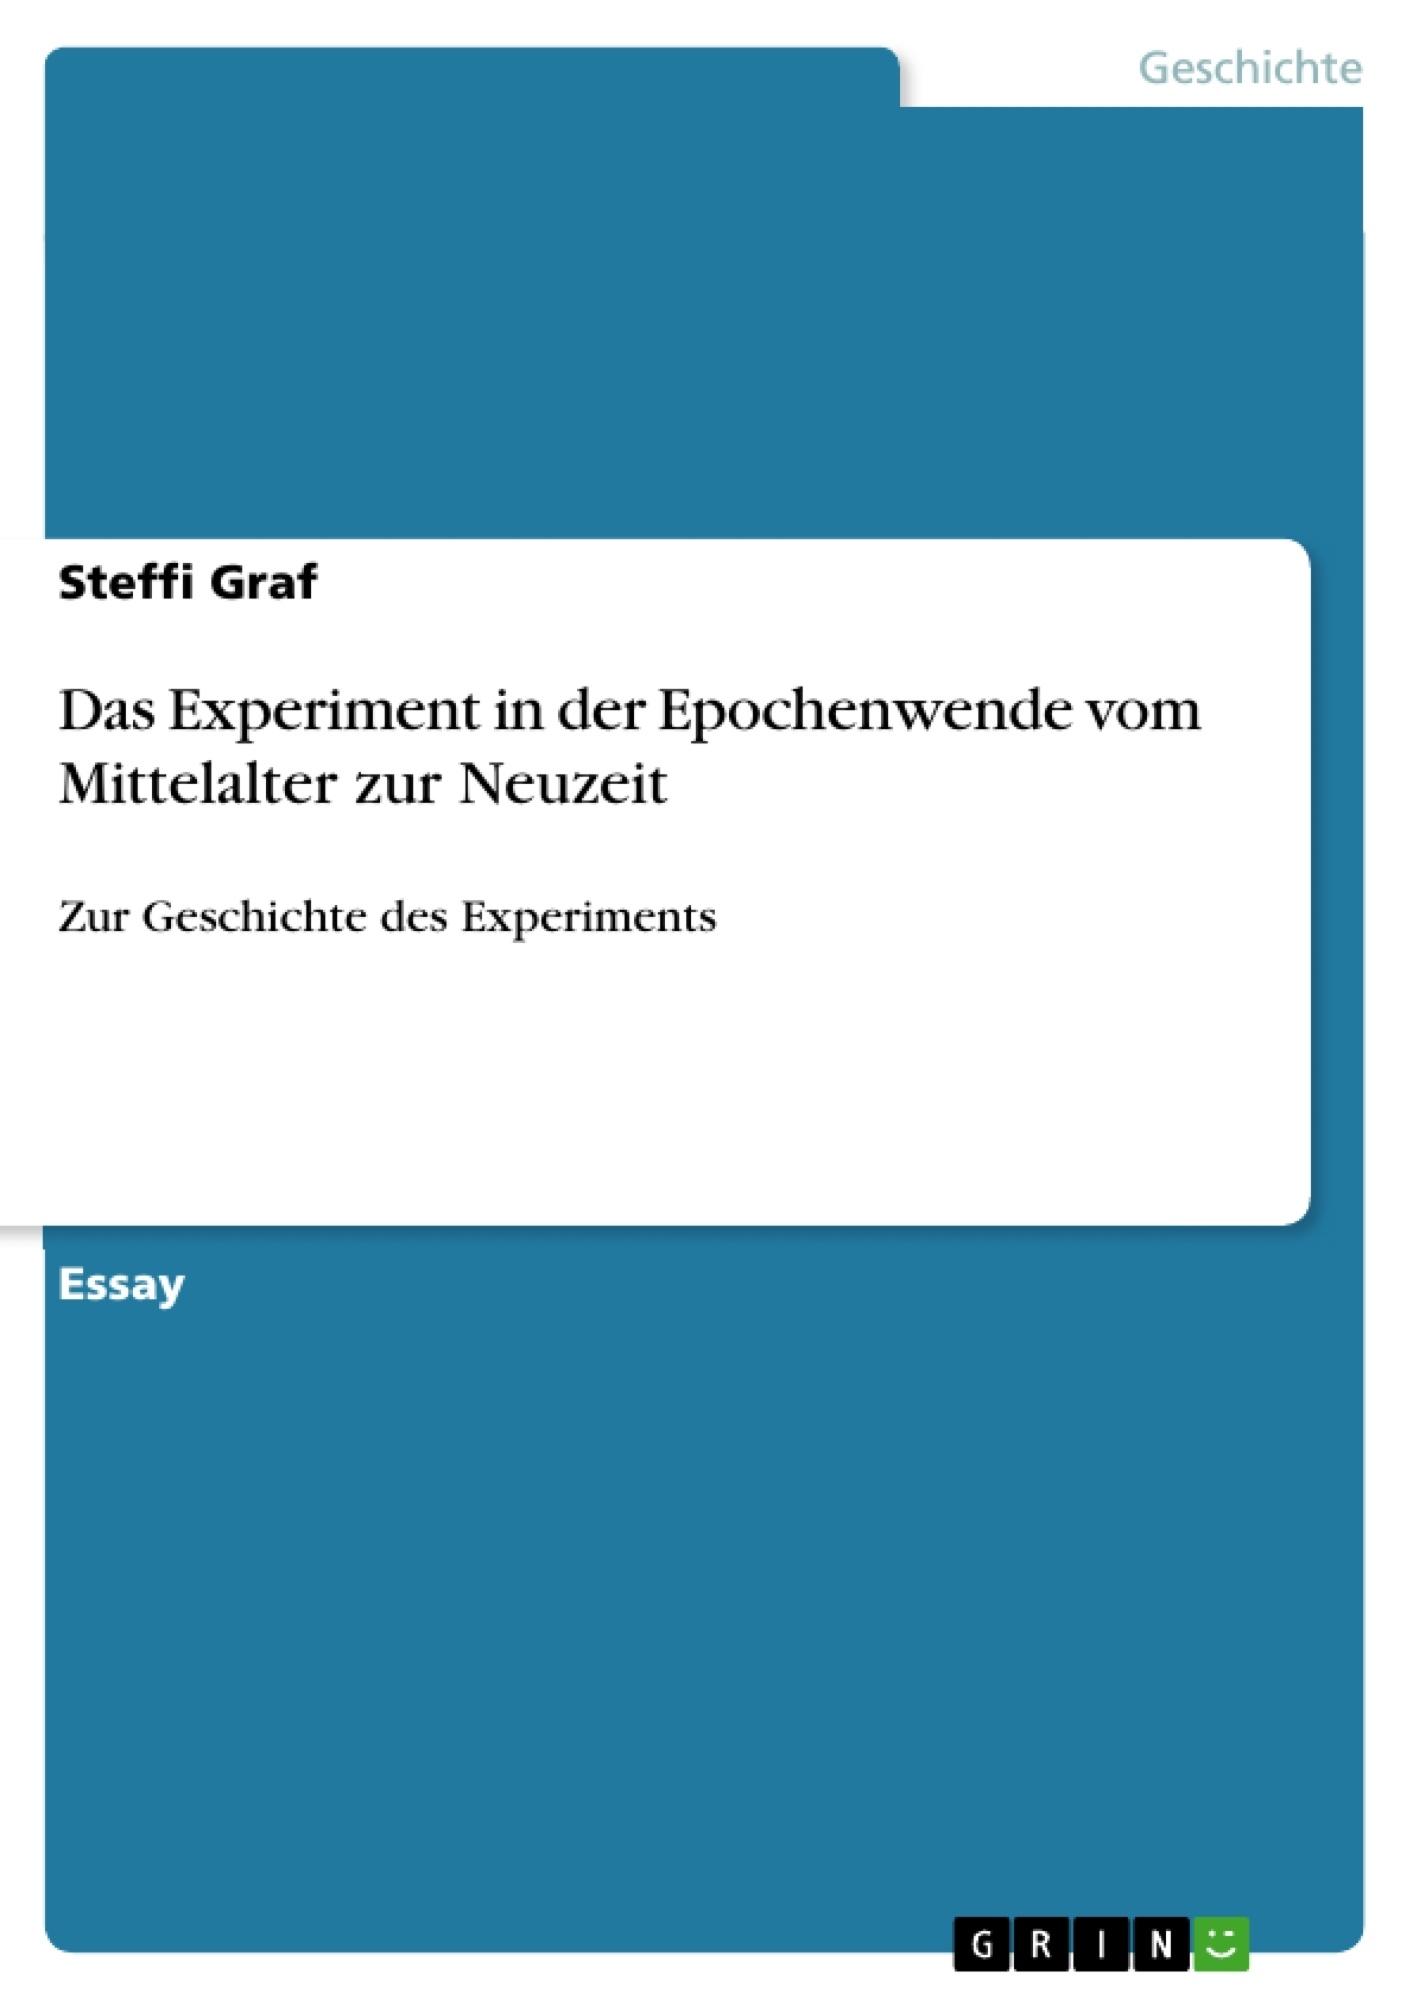 Titel: Das Experiment in der Epochenwende vom Mittelalter zur Neuzeit